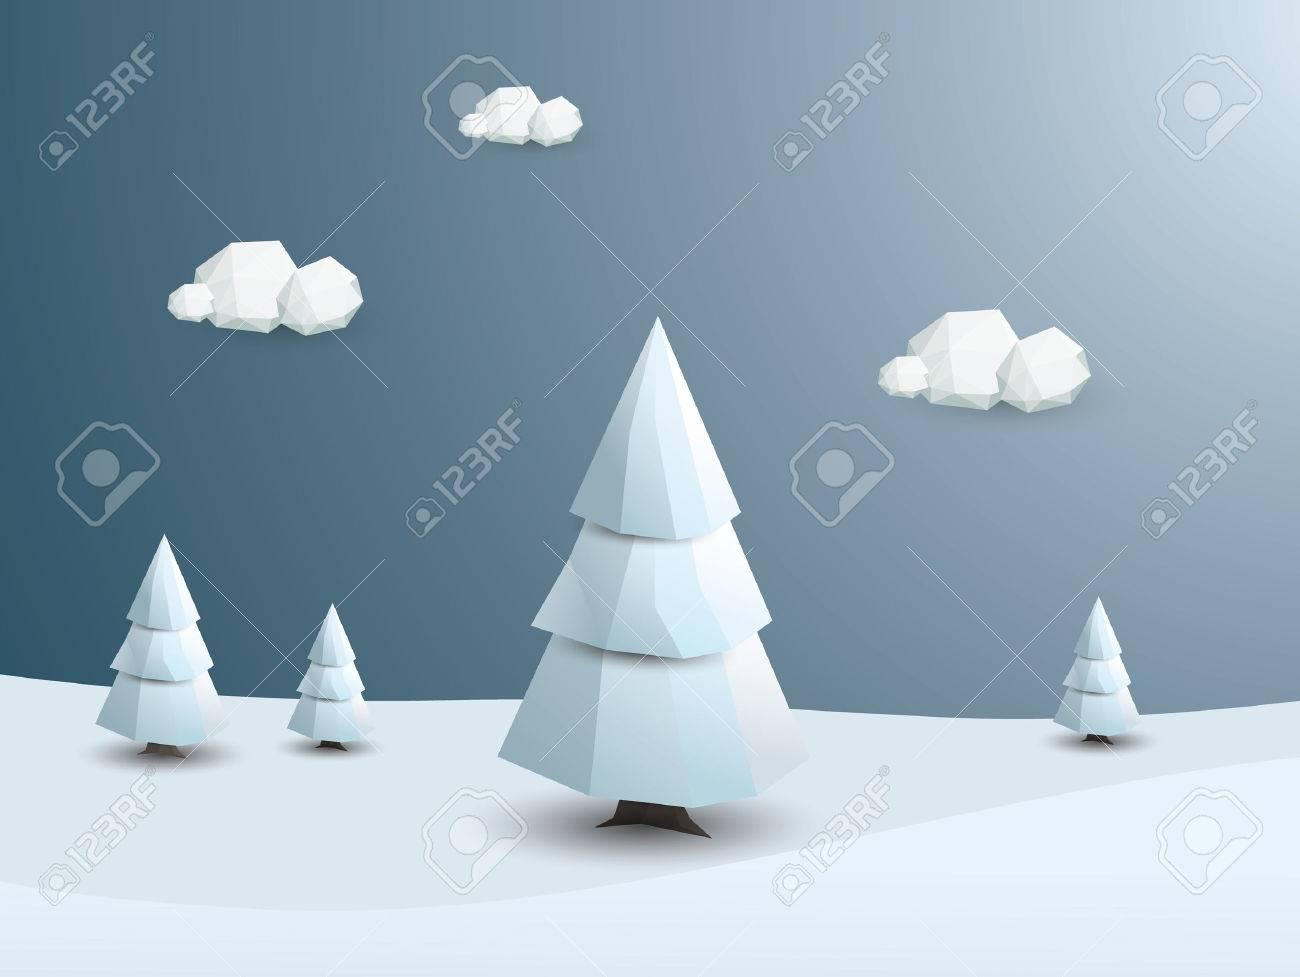 低ポリ冬風景ベクトルの背景 3 D 多角形白木雪 クリスマスの壁紙